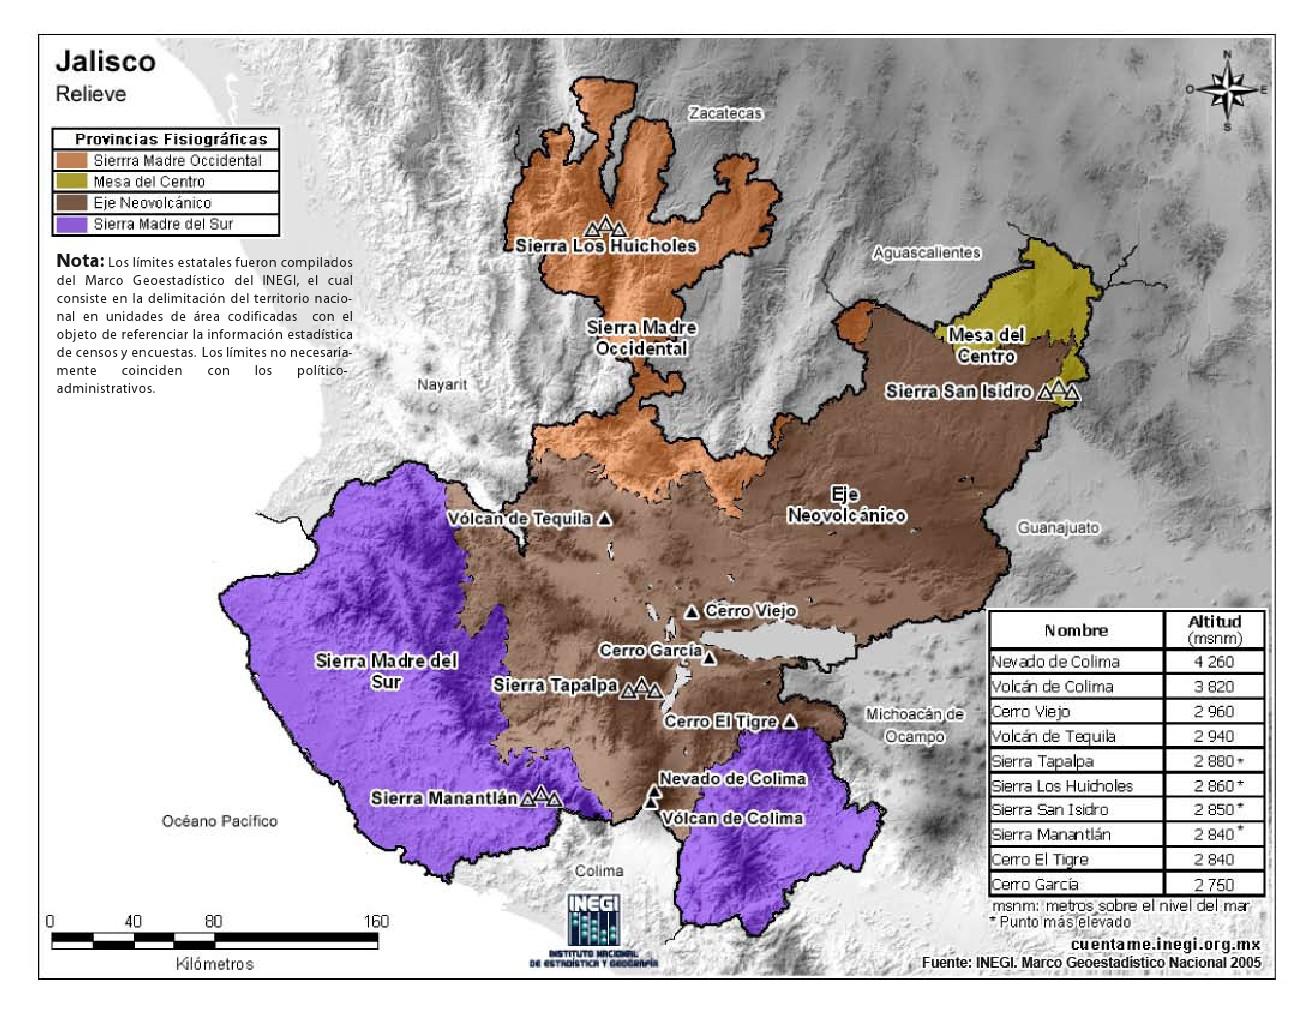 Mapa en color de montañas de Jalisco. INEGI de México